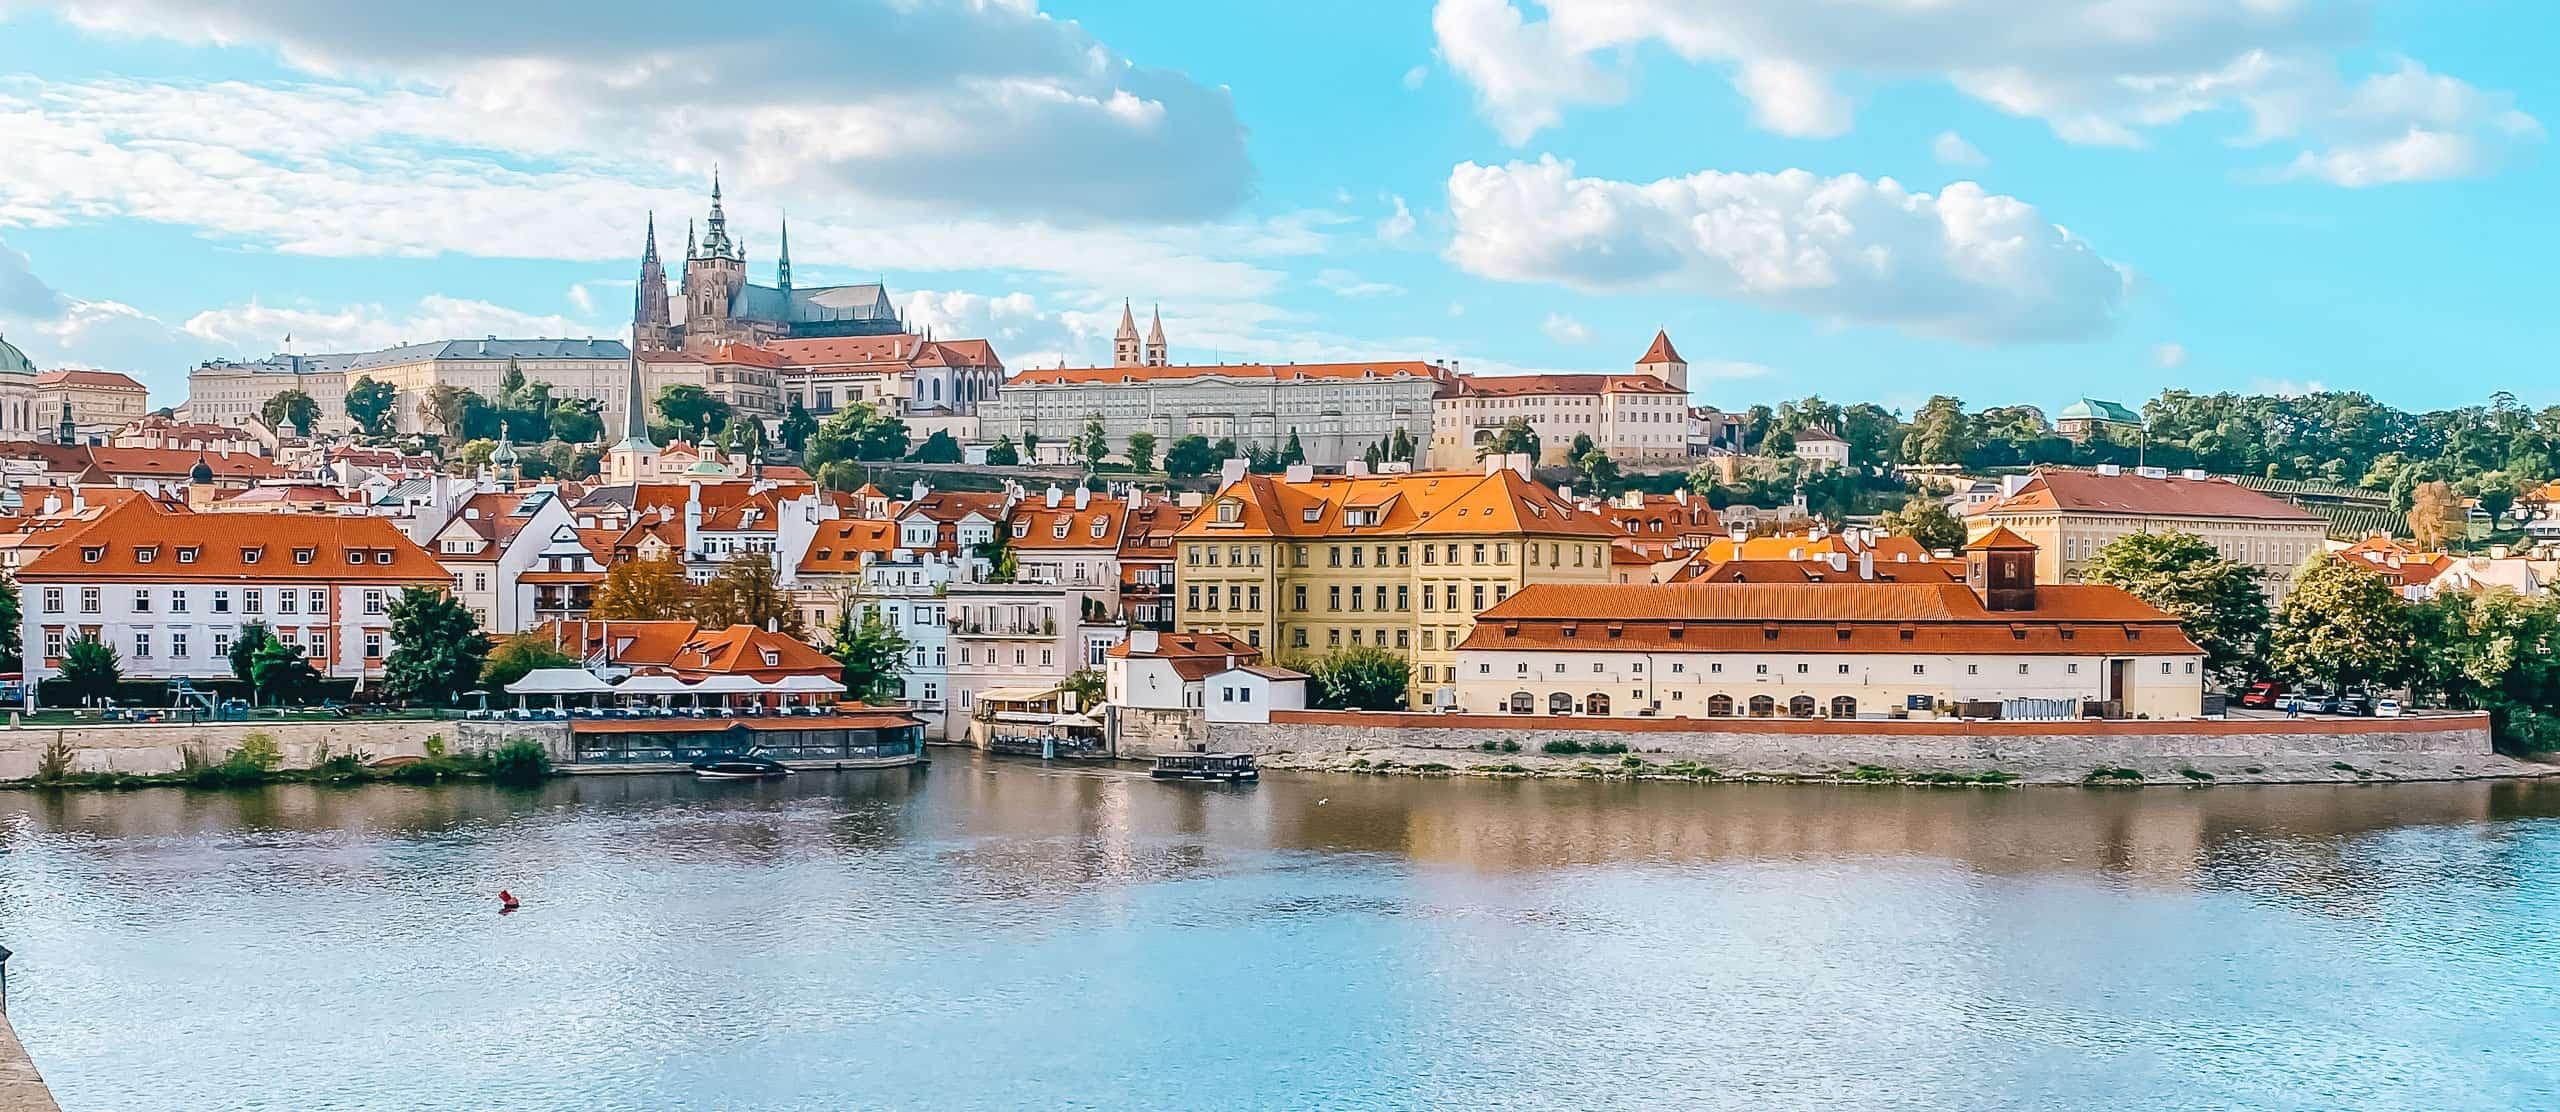 Praga widok na Hradczany i Mniejsze Miasto z Mostu Karola